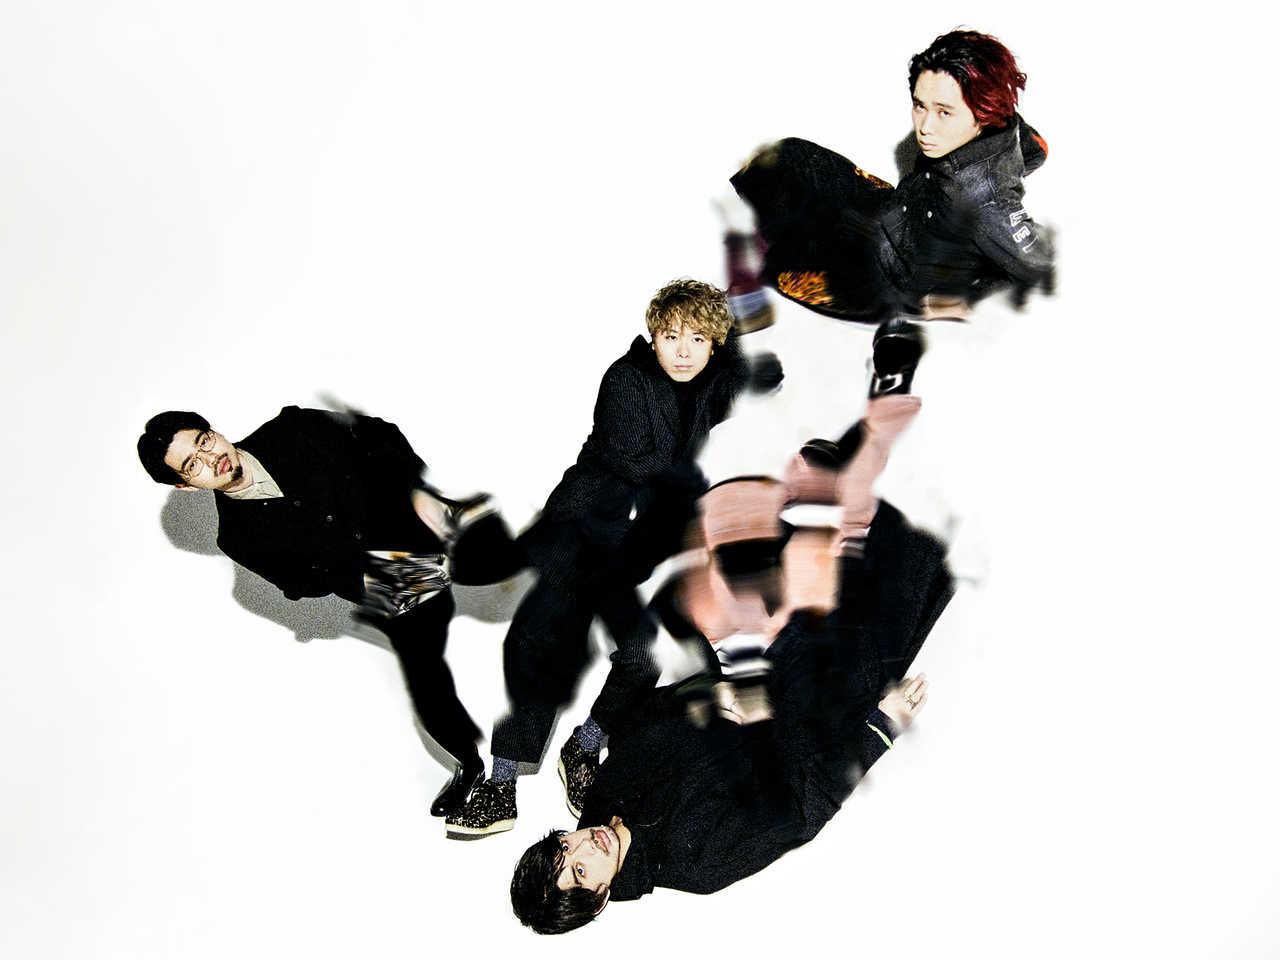 写真左より時計回りに、ハマ・オカモト(Ba)、オカモトコウキ(Gu)、オカモトレイジ(Dr)、オカモトショウ(Vox)